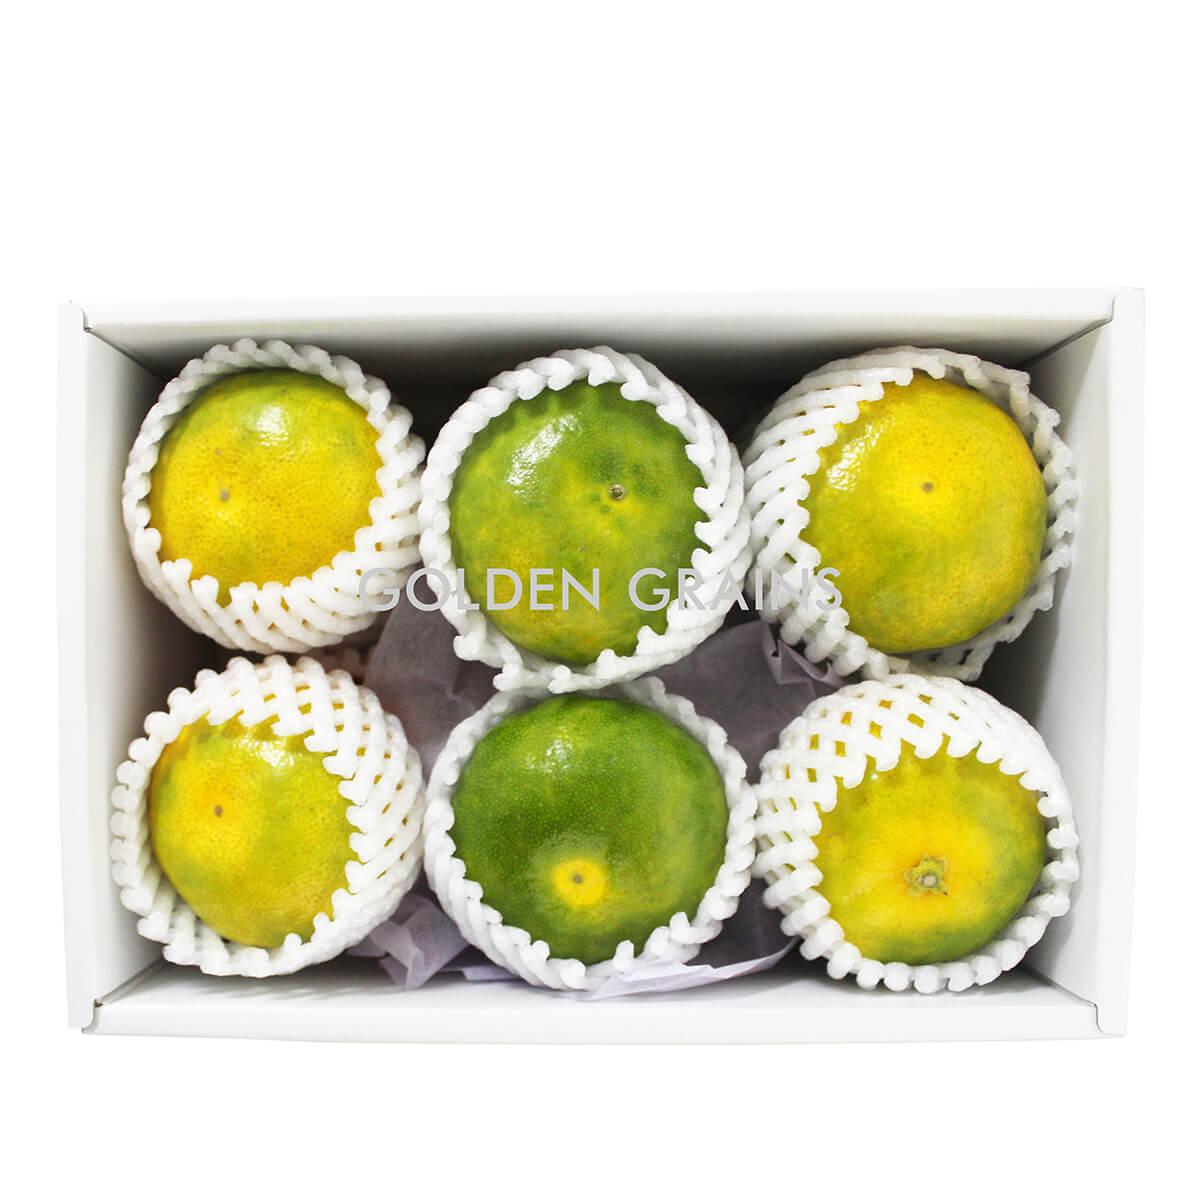 Golden Grains Dubai Export - Japan Fresh Fruits - Green Orange.jpg